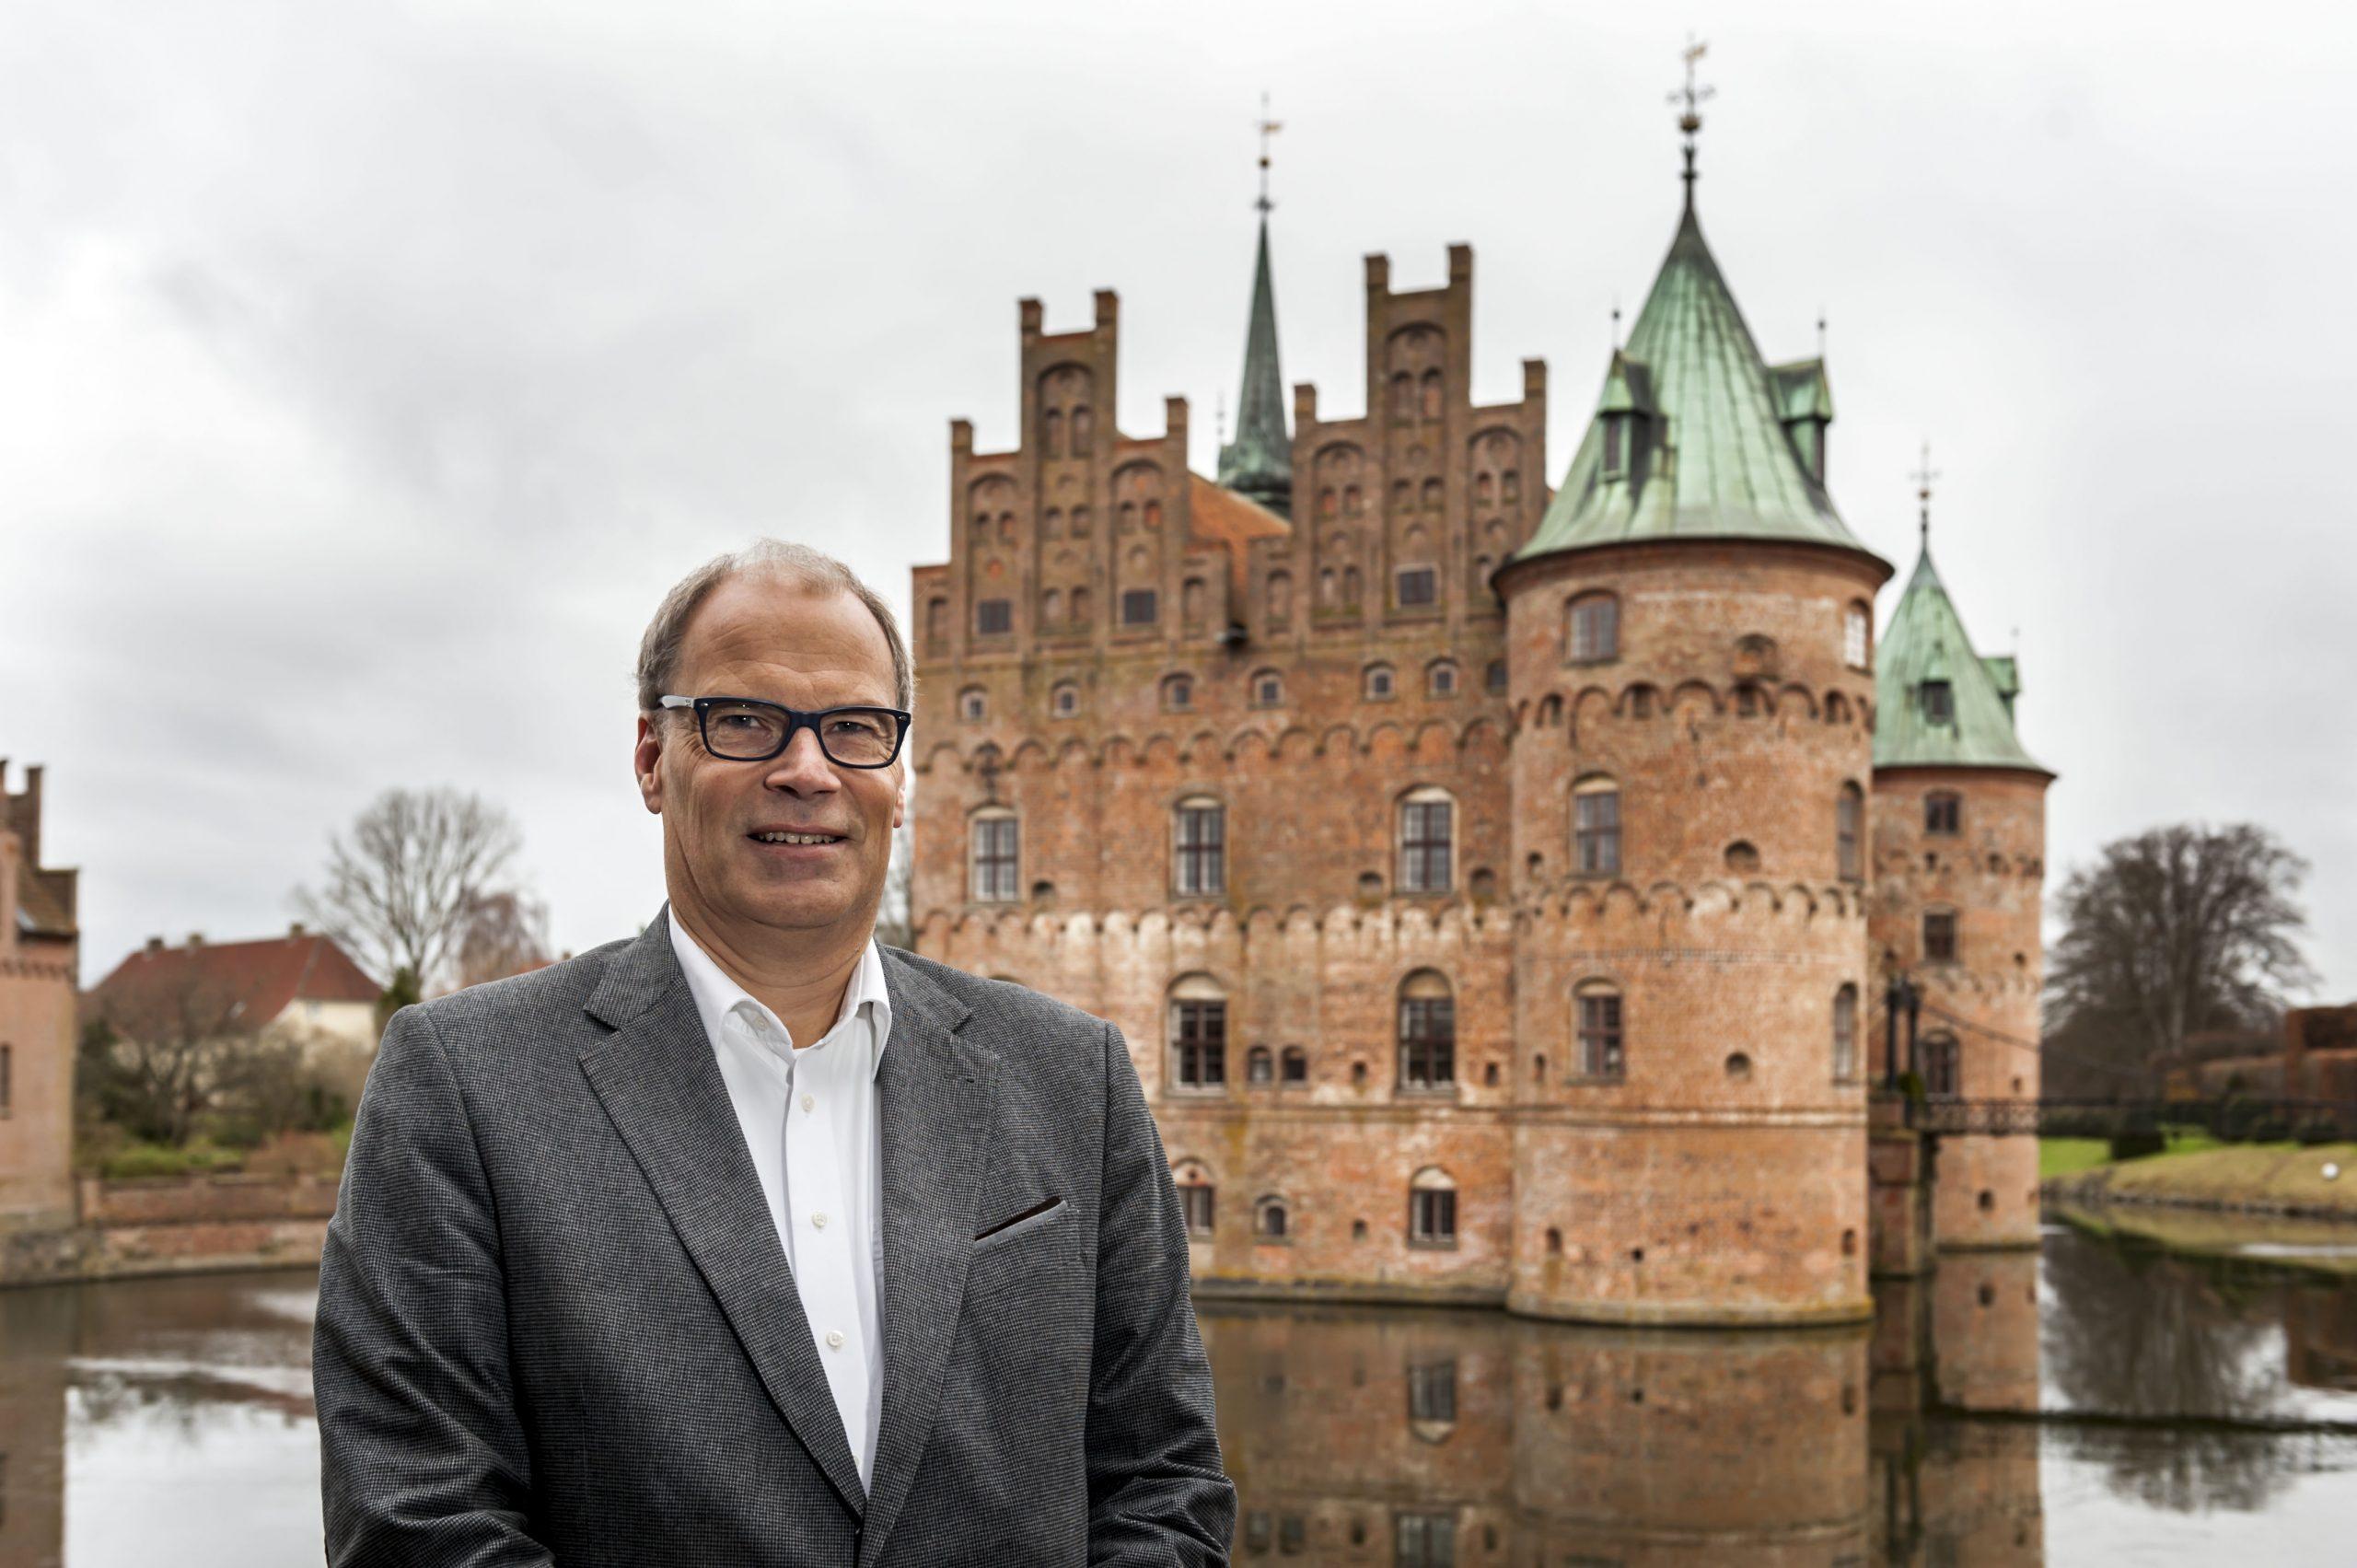 Henrik Neelmeyer har 35 års bred erfaring fra den danske rejsebranche. Han er i dag direktør for Egeskov Slot og har tidligere været salgsdirektør hos Smyril Line (færgeruten mellem Danmark og Færøerne), ejer af rejsebureauet Krone Rejser og direktør for Spies. Pressefoto: Egeskov Slot.